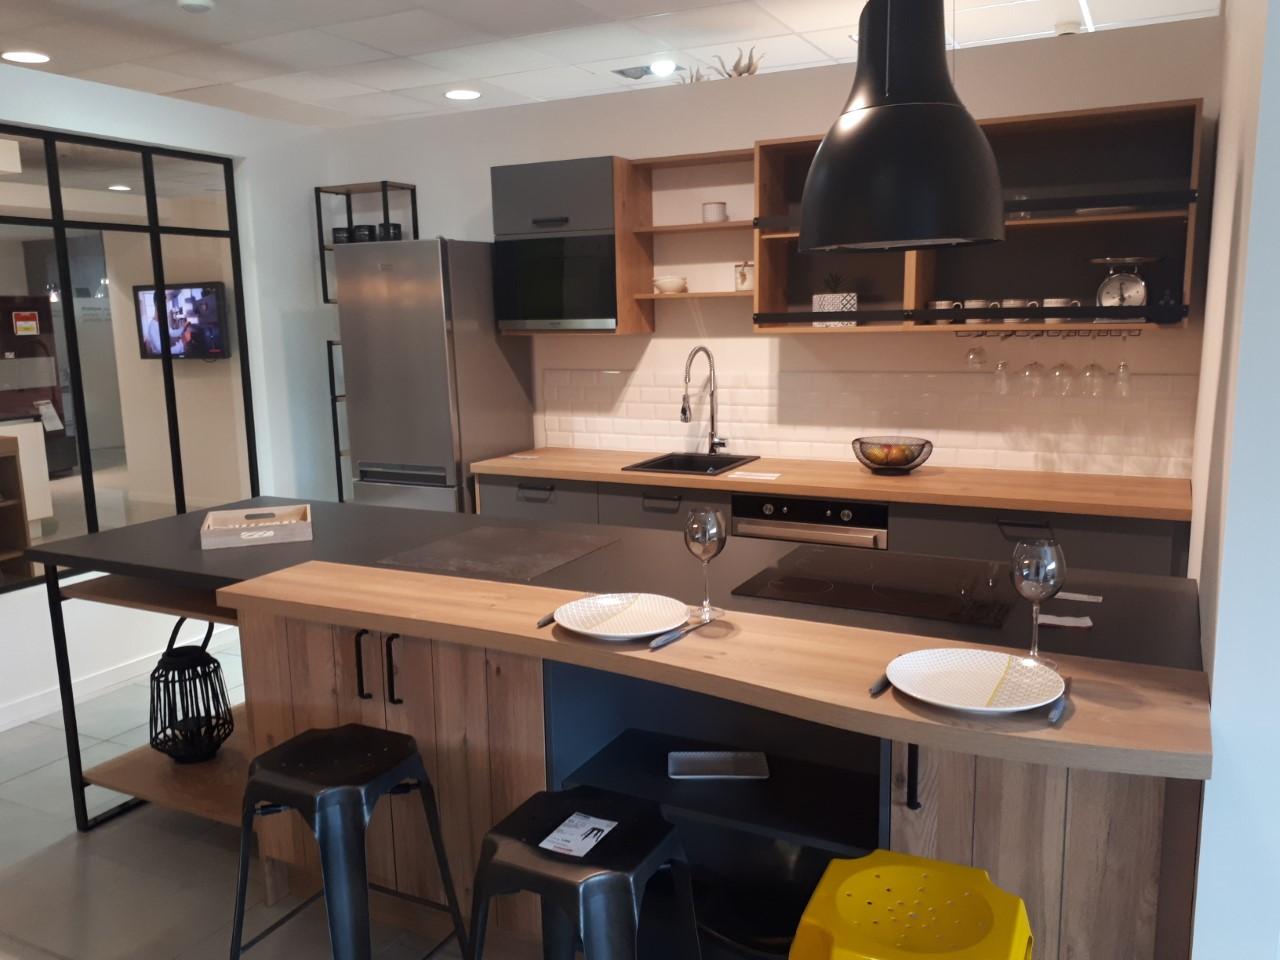 Cr dence cuisine 7 5 15 m tro blanc armor c ramique - Credence cuisine metro ...